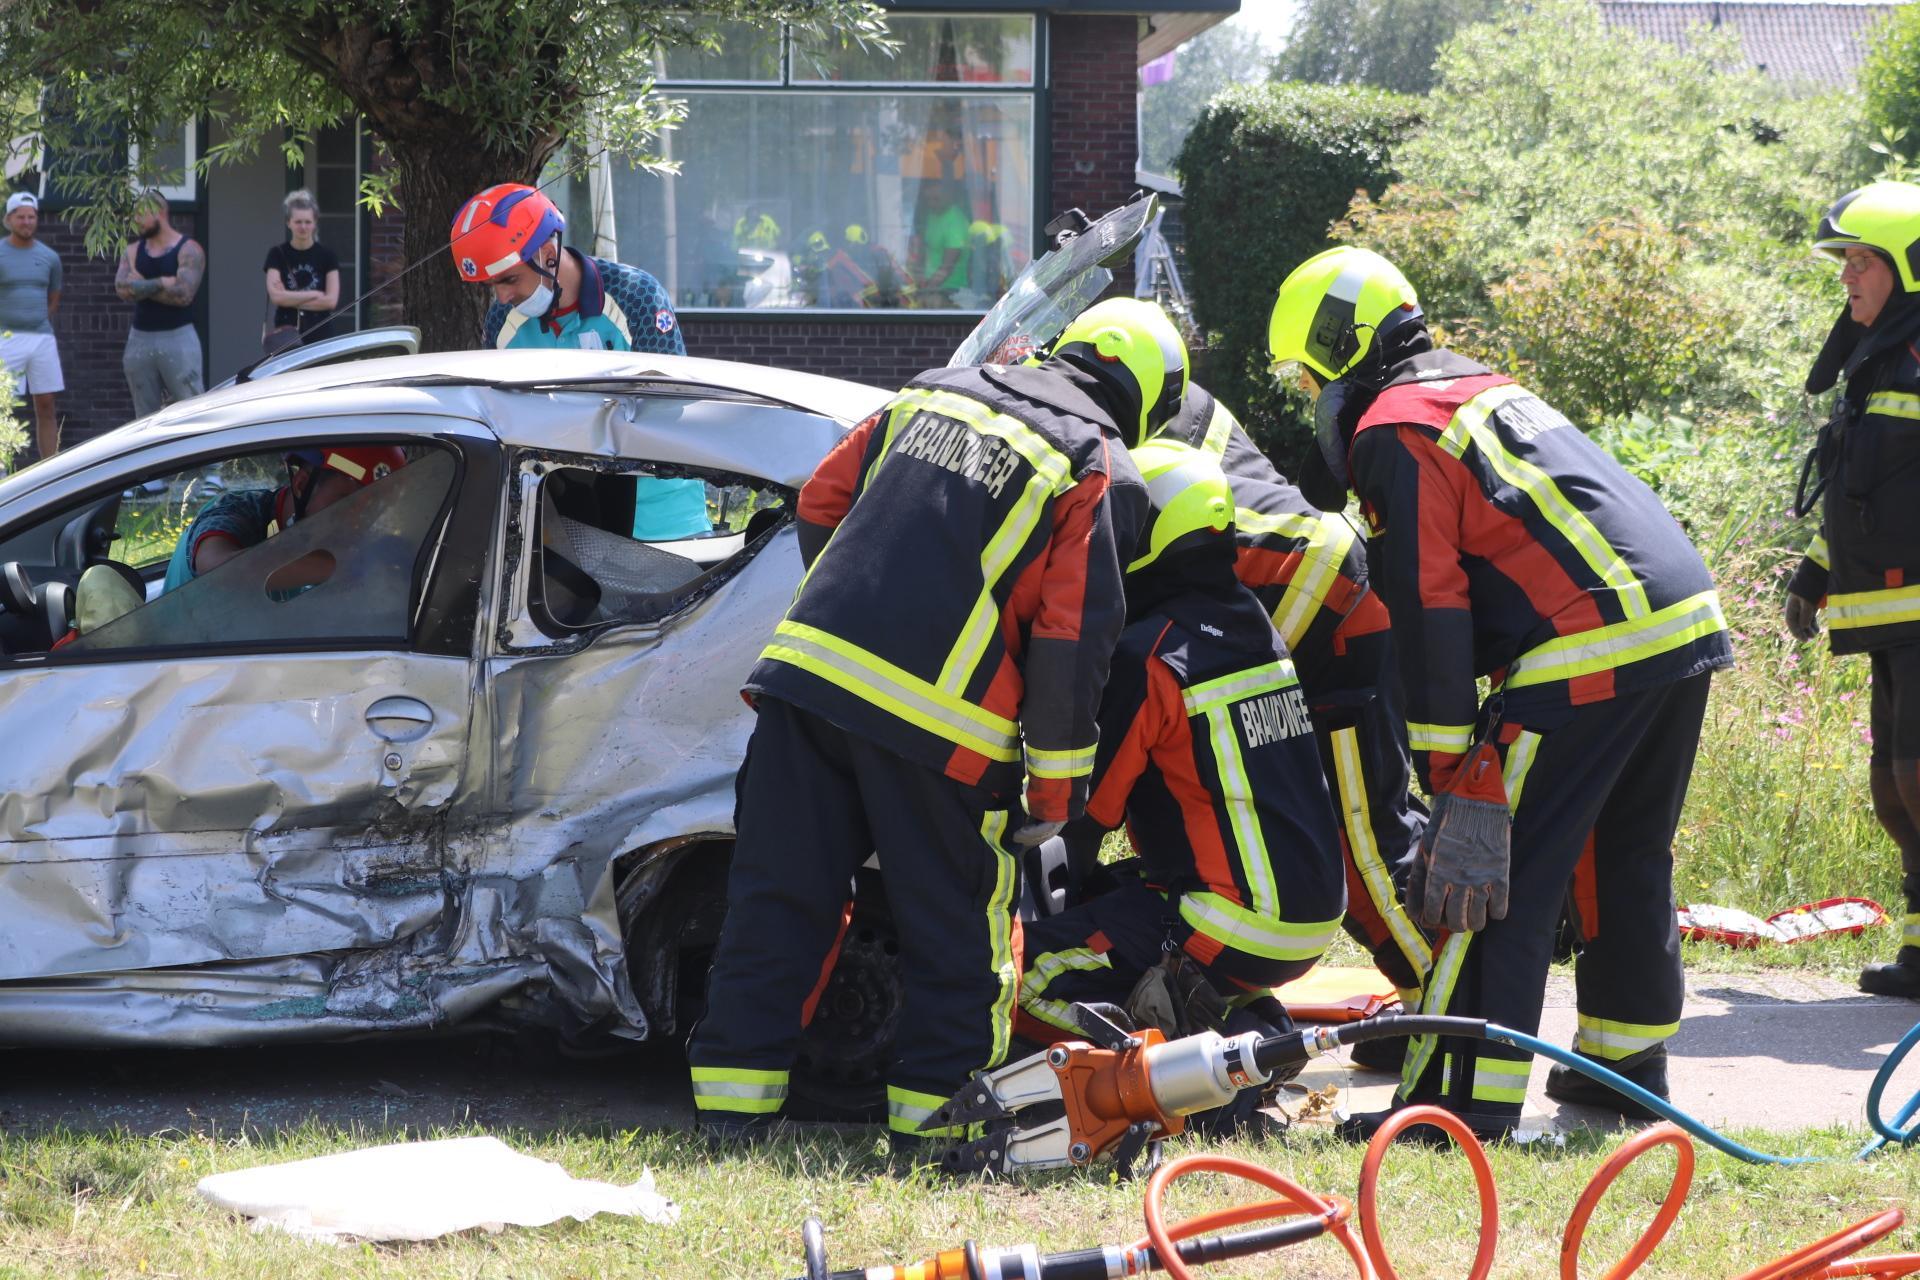 Twee gewonden bij ongeluk in Sassenheim; brandweer moet gewonde man uit voertuig bevrijden